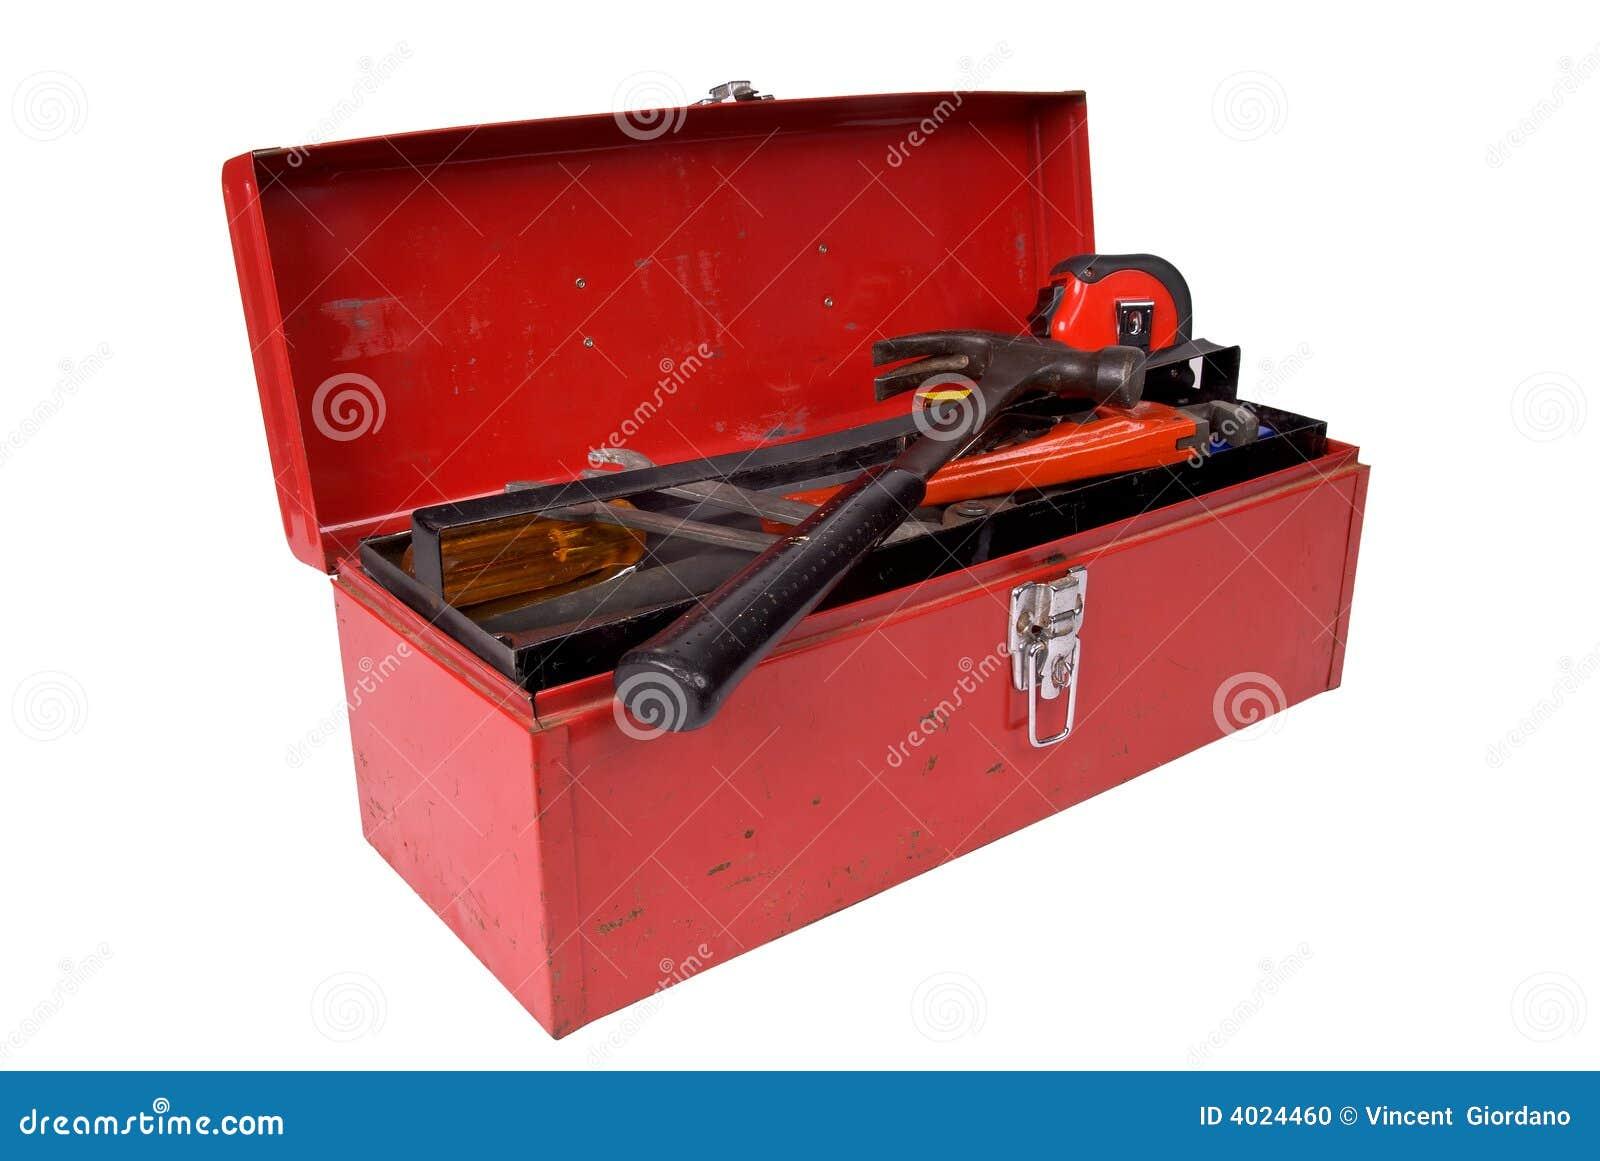 Caja de herramientas abierta foto de archivo imagen 4024460 - Caja con herramientas ...